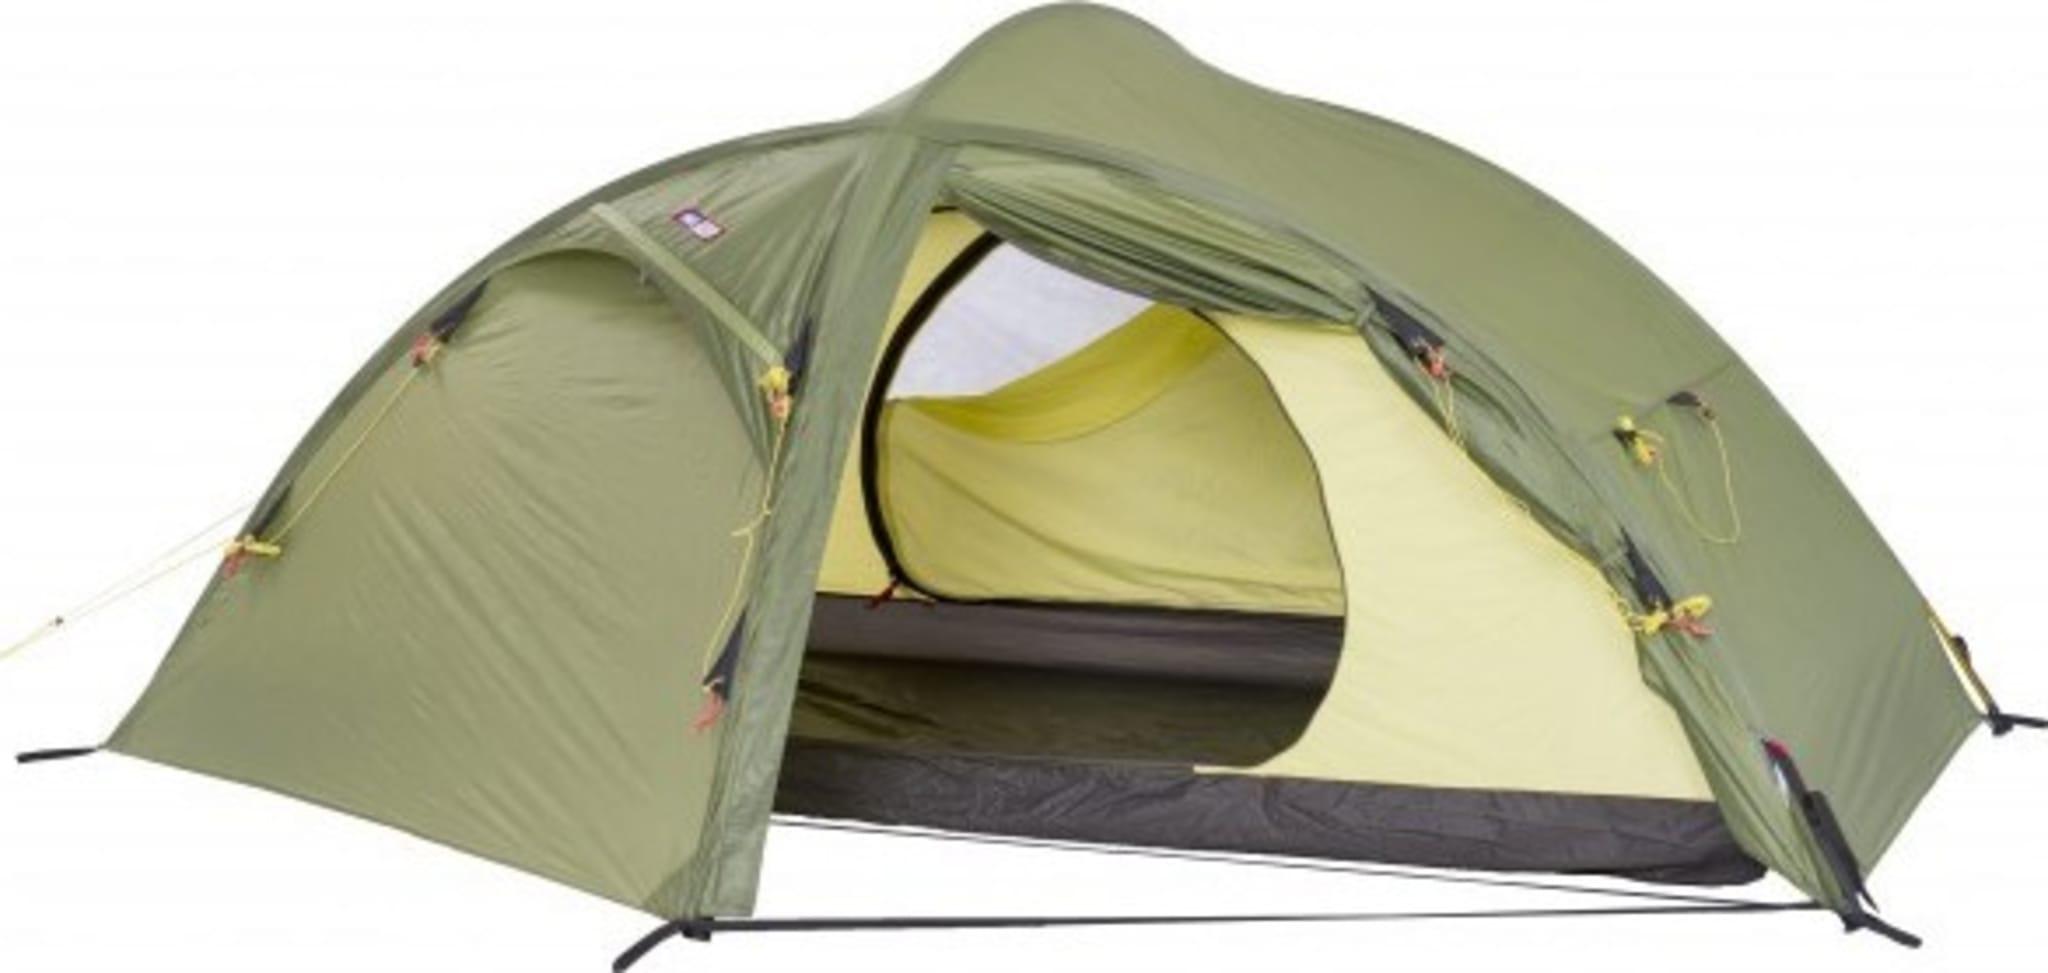 Selvstående telt med to innganger og to bagasjerom for helårsbruk